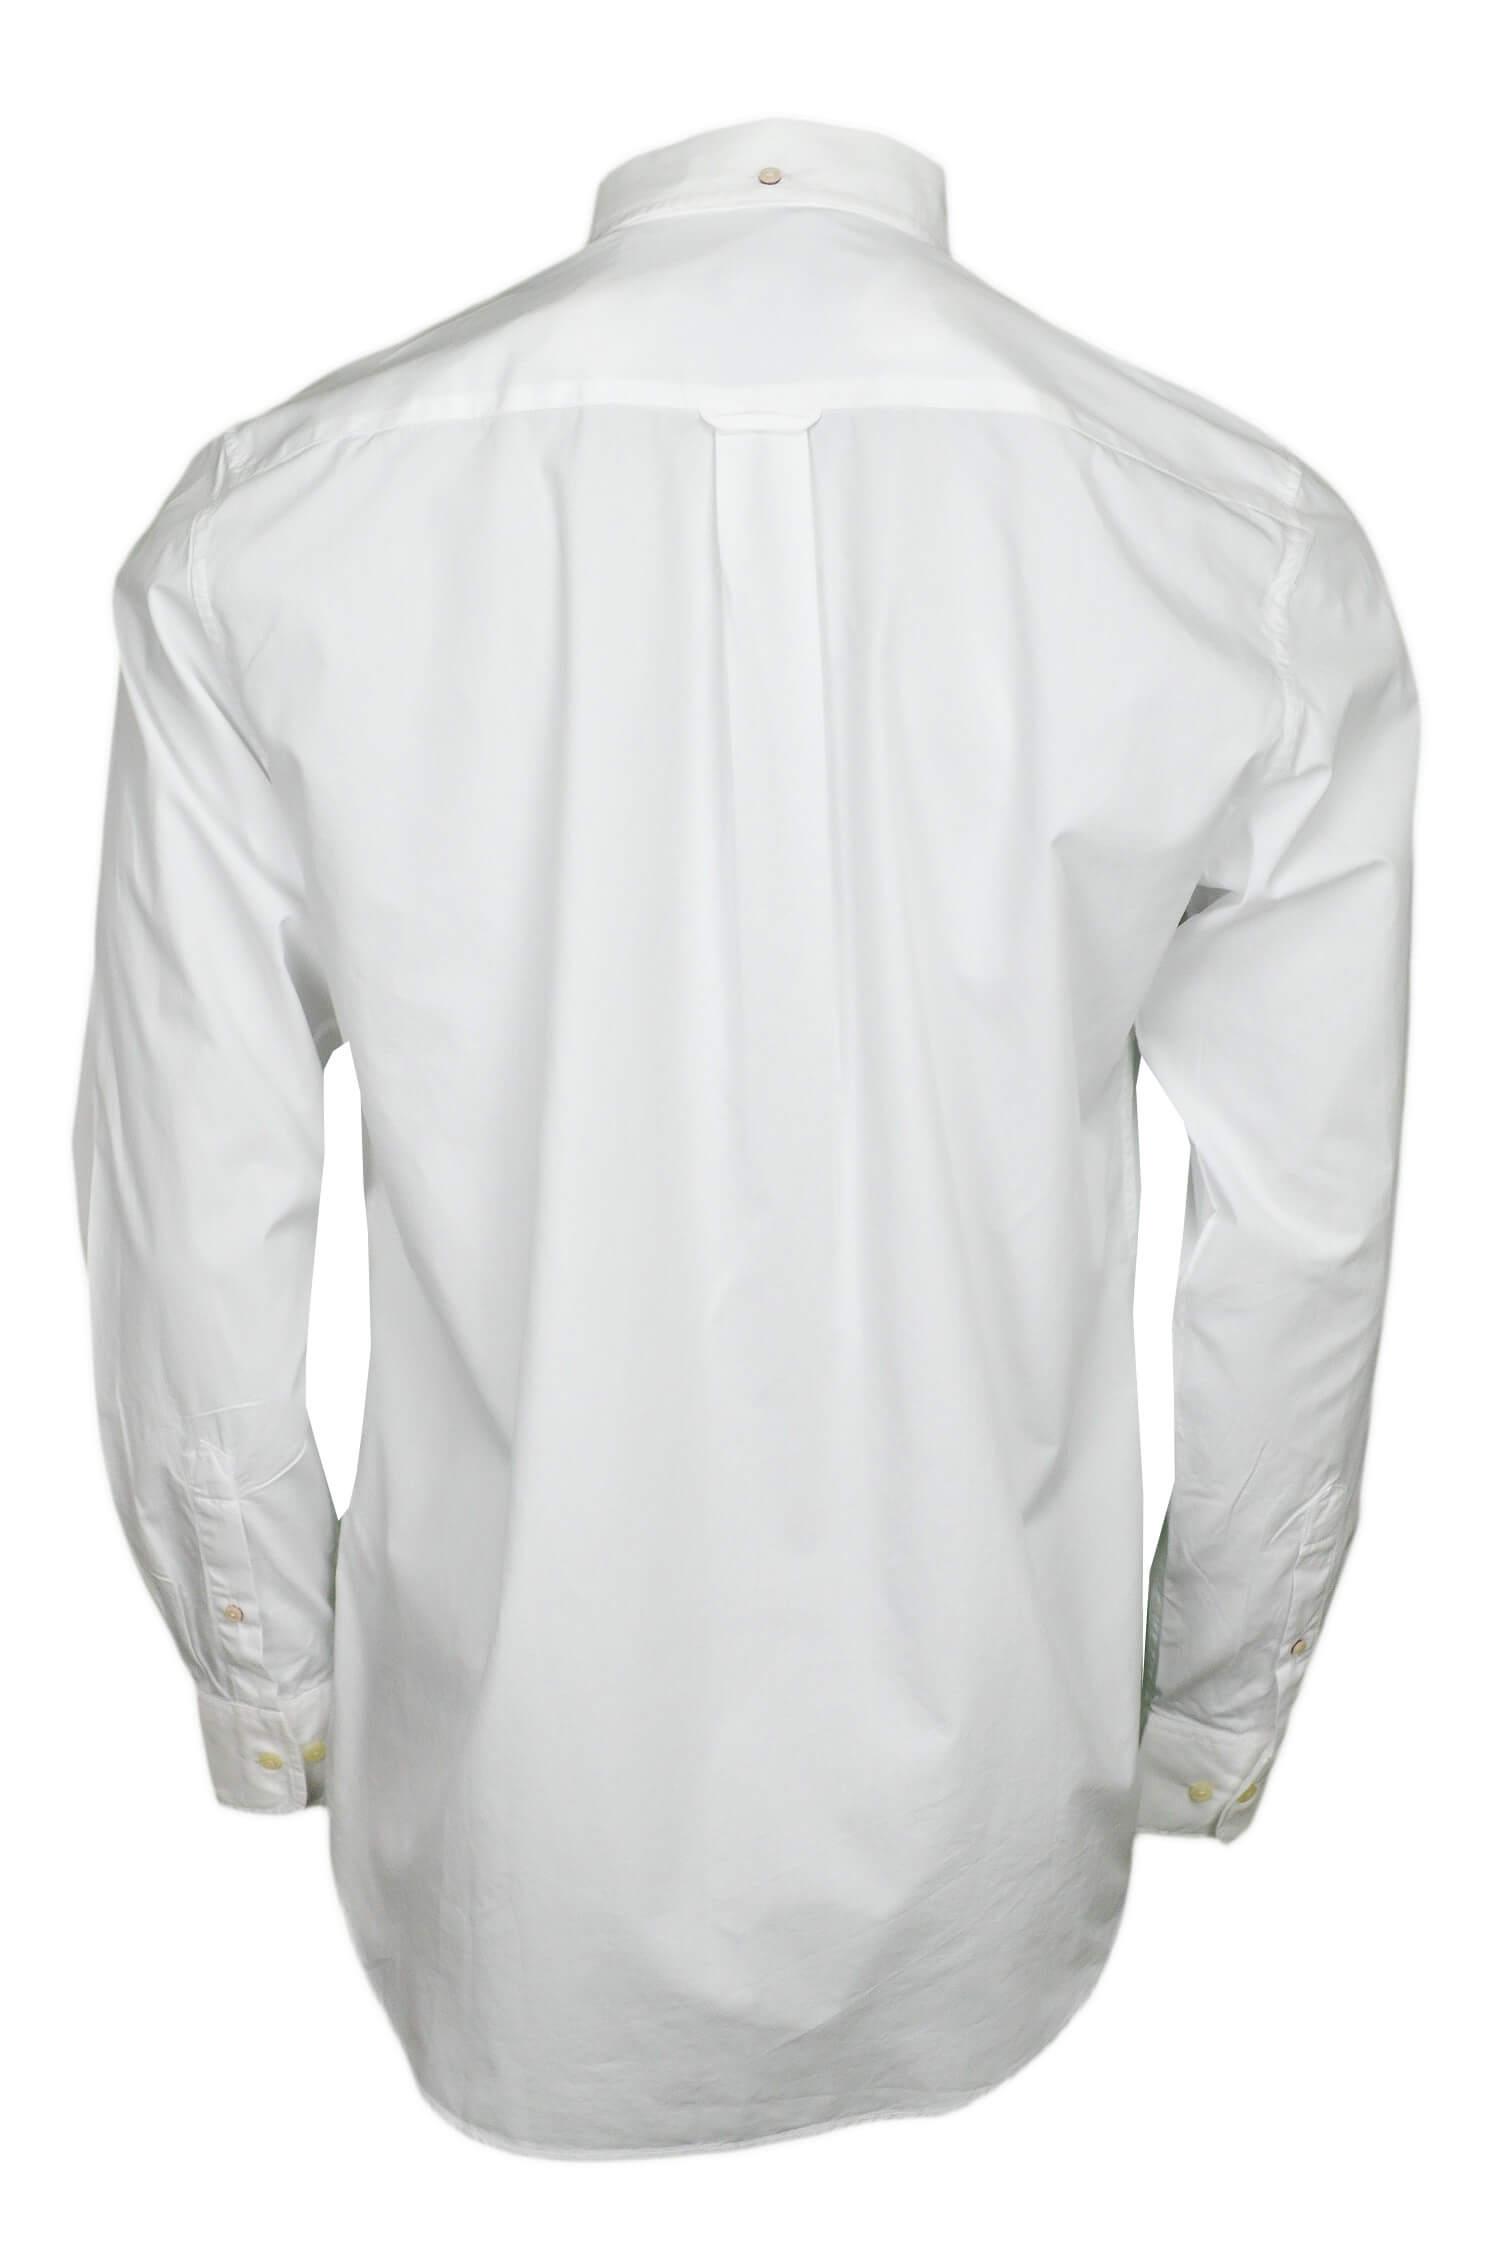 chemise basique gant blanche pour homme toujours au meilleur prix. Black Bedroom Furniture Sets. Home Design Ideas